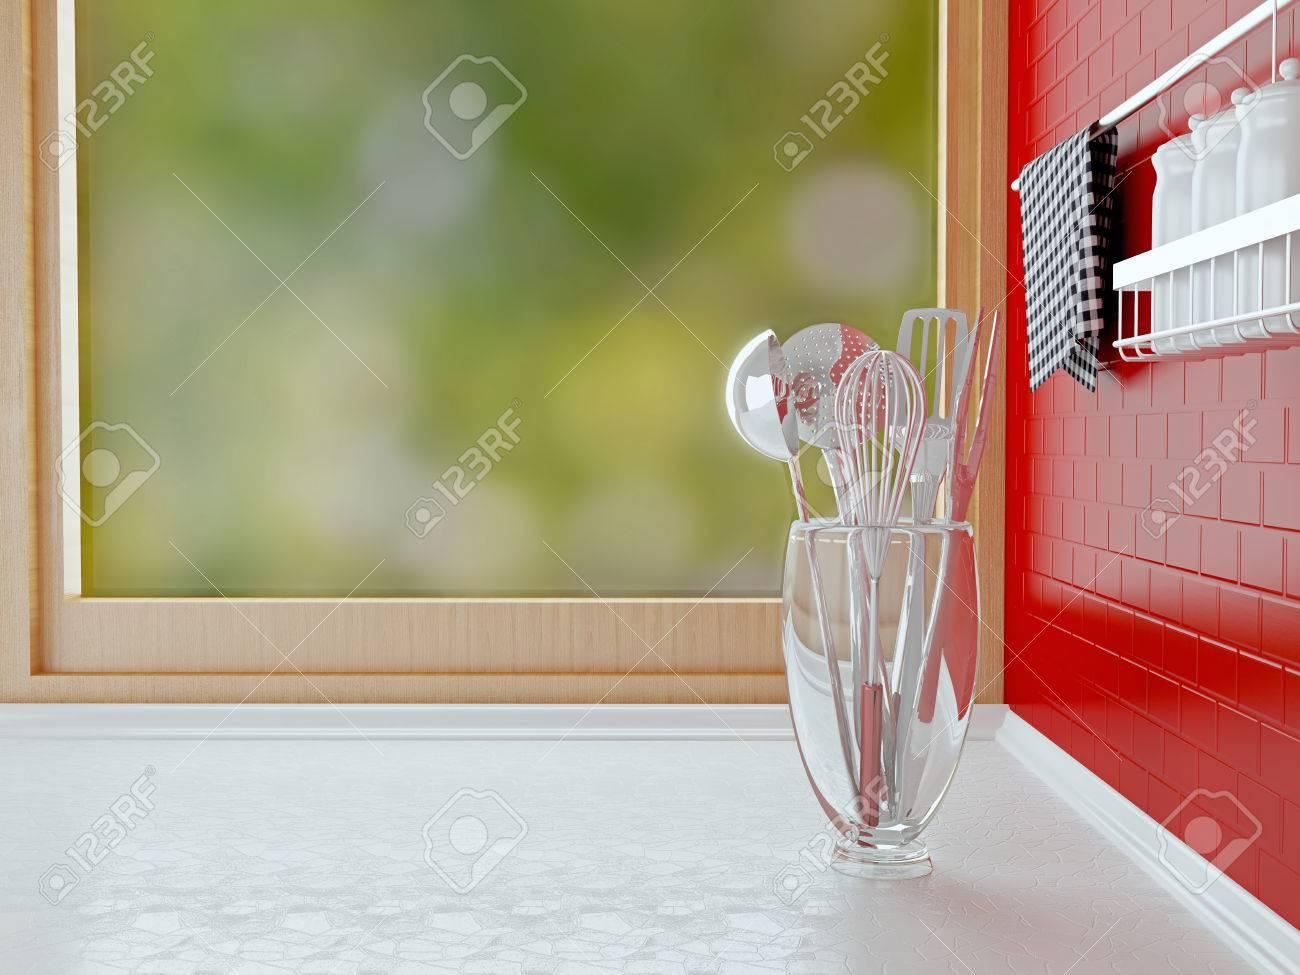 Plan De Travail Chrome ustensiles chrome sur le plan de travail blanc en face de la fenêtre en  bois. intérieur de cuisine.